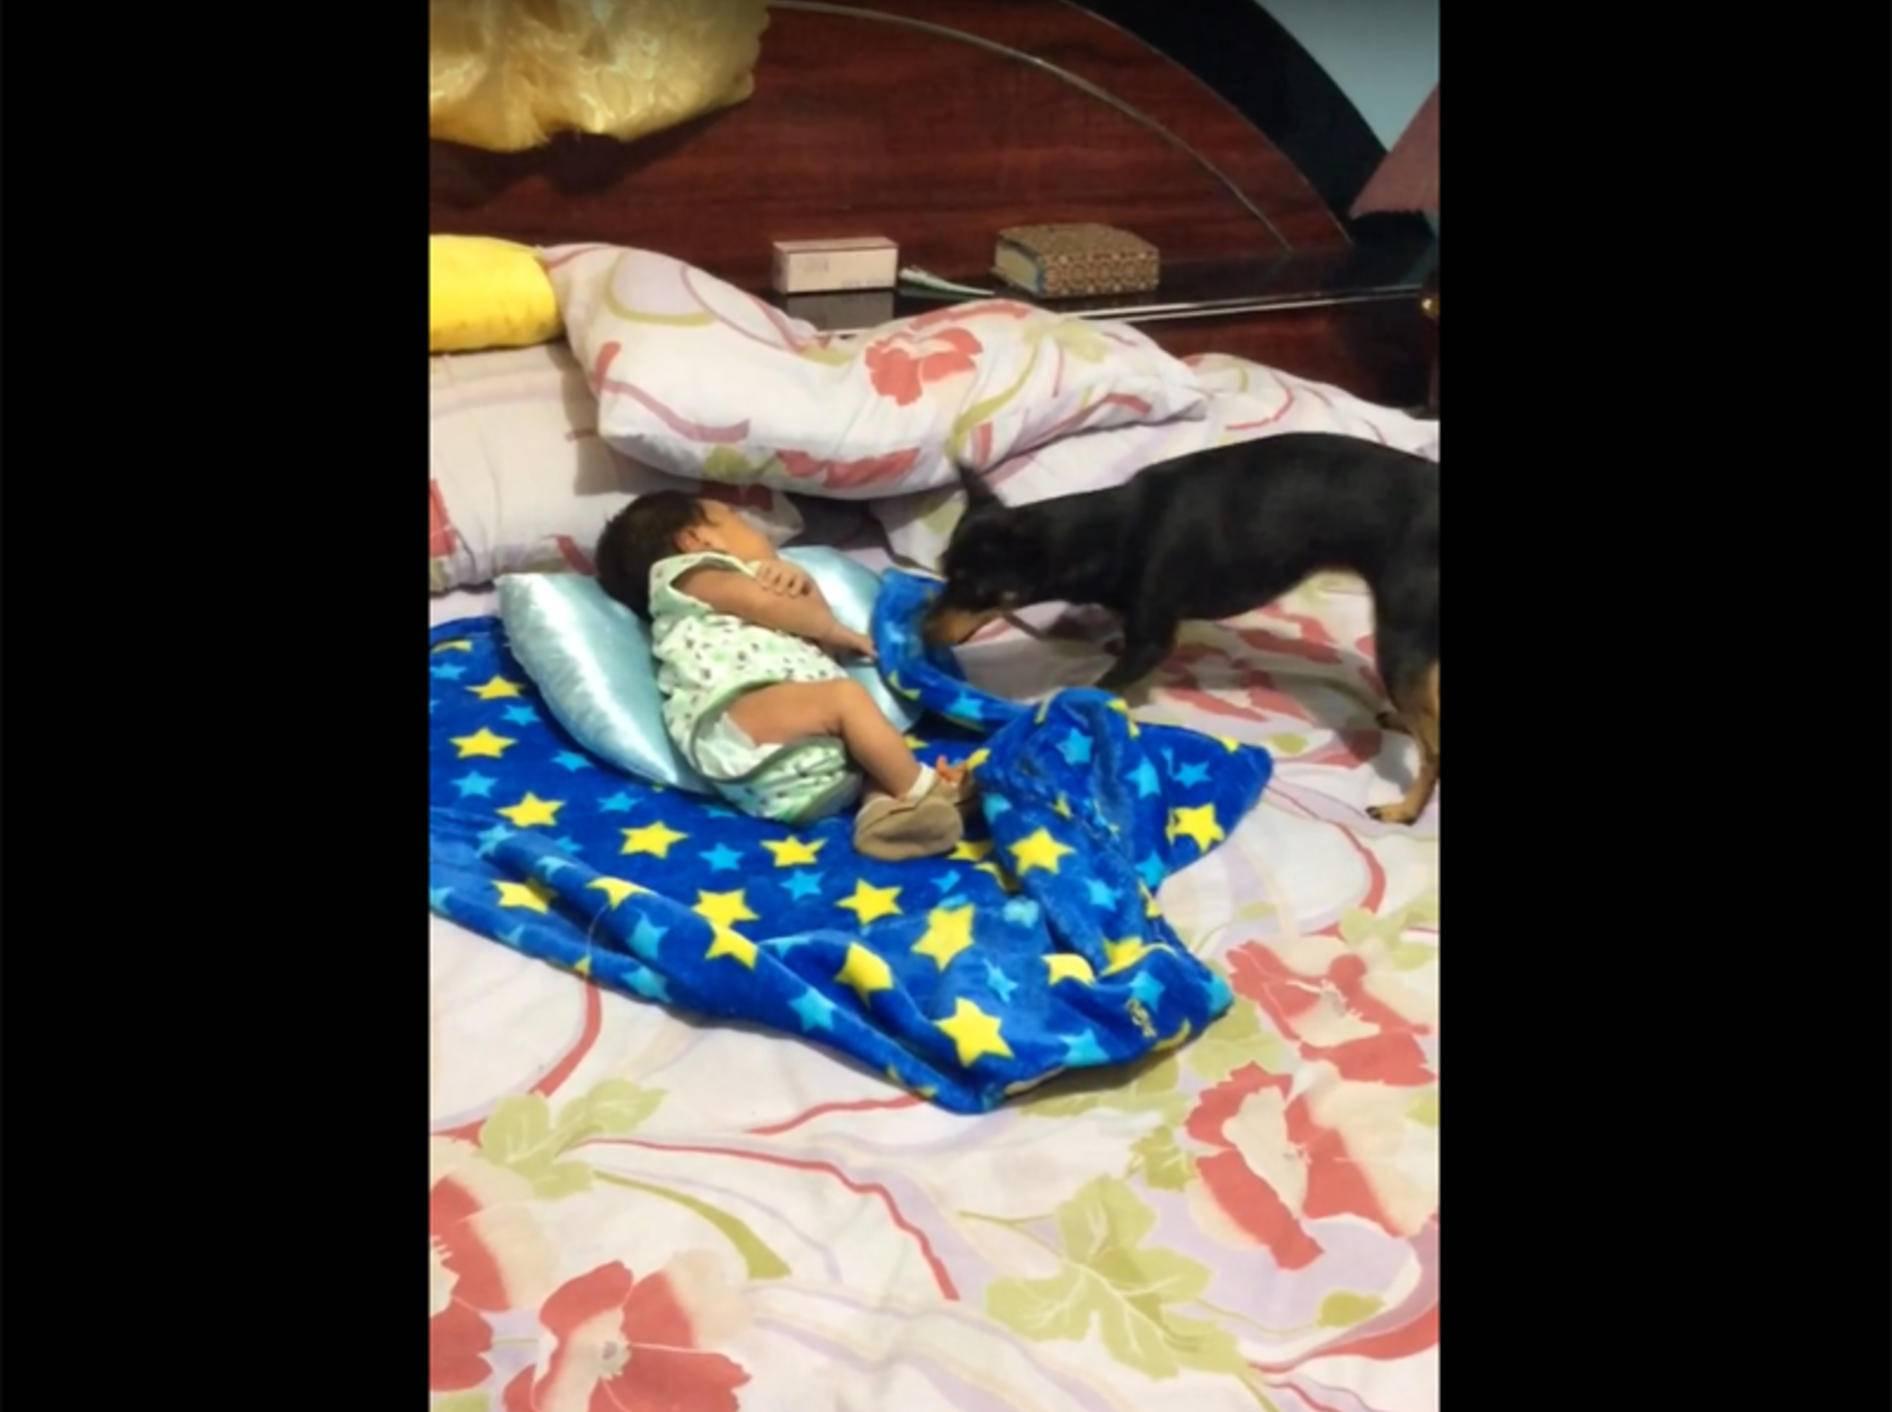 Fürsorglicher Hund deckt Baby liebevoll zu – YouTube / ViralHog